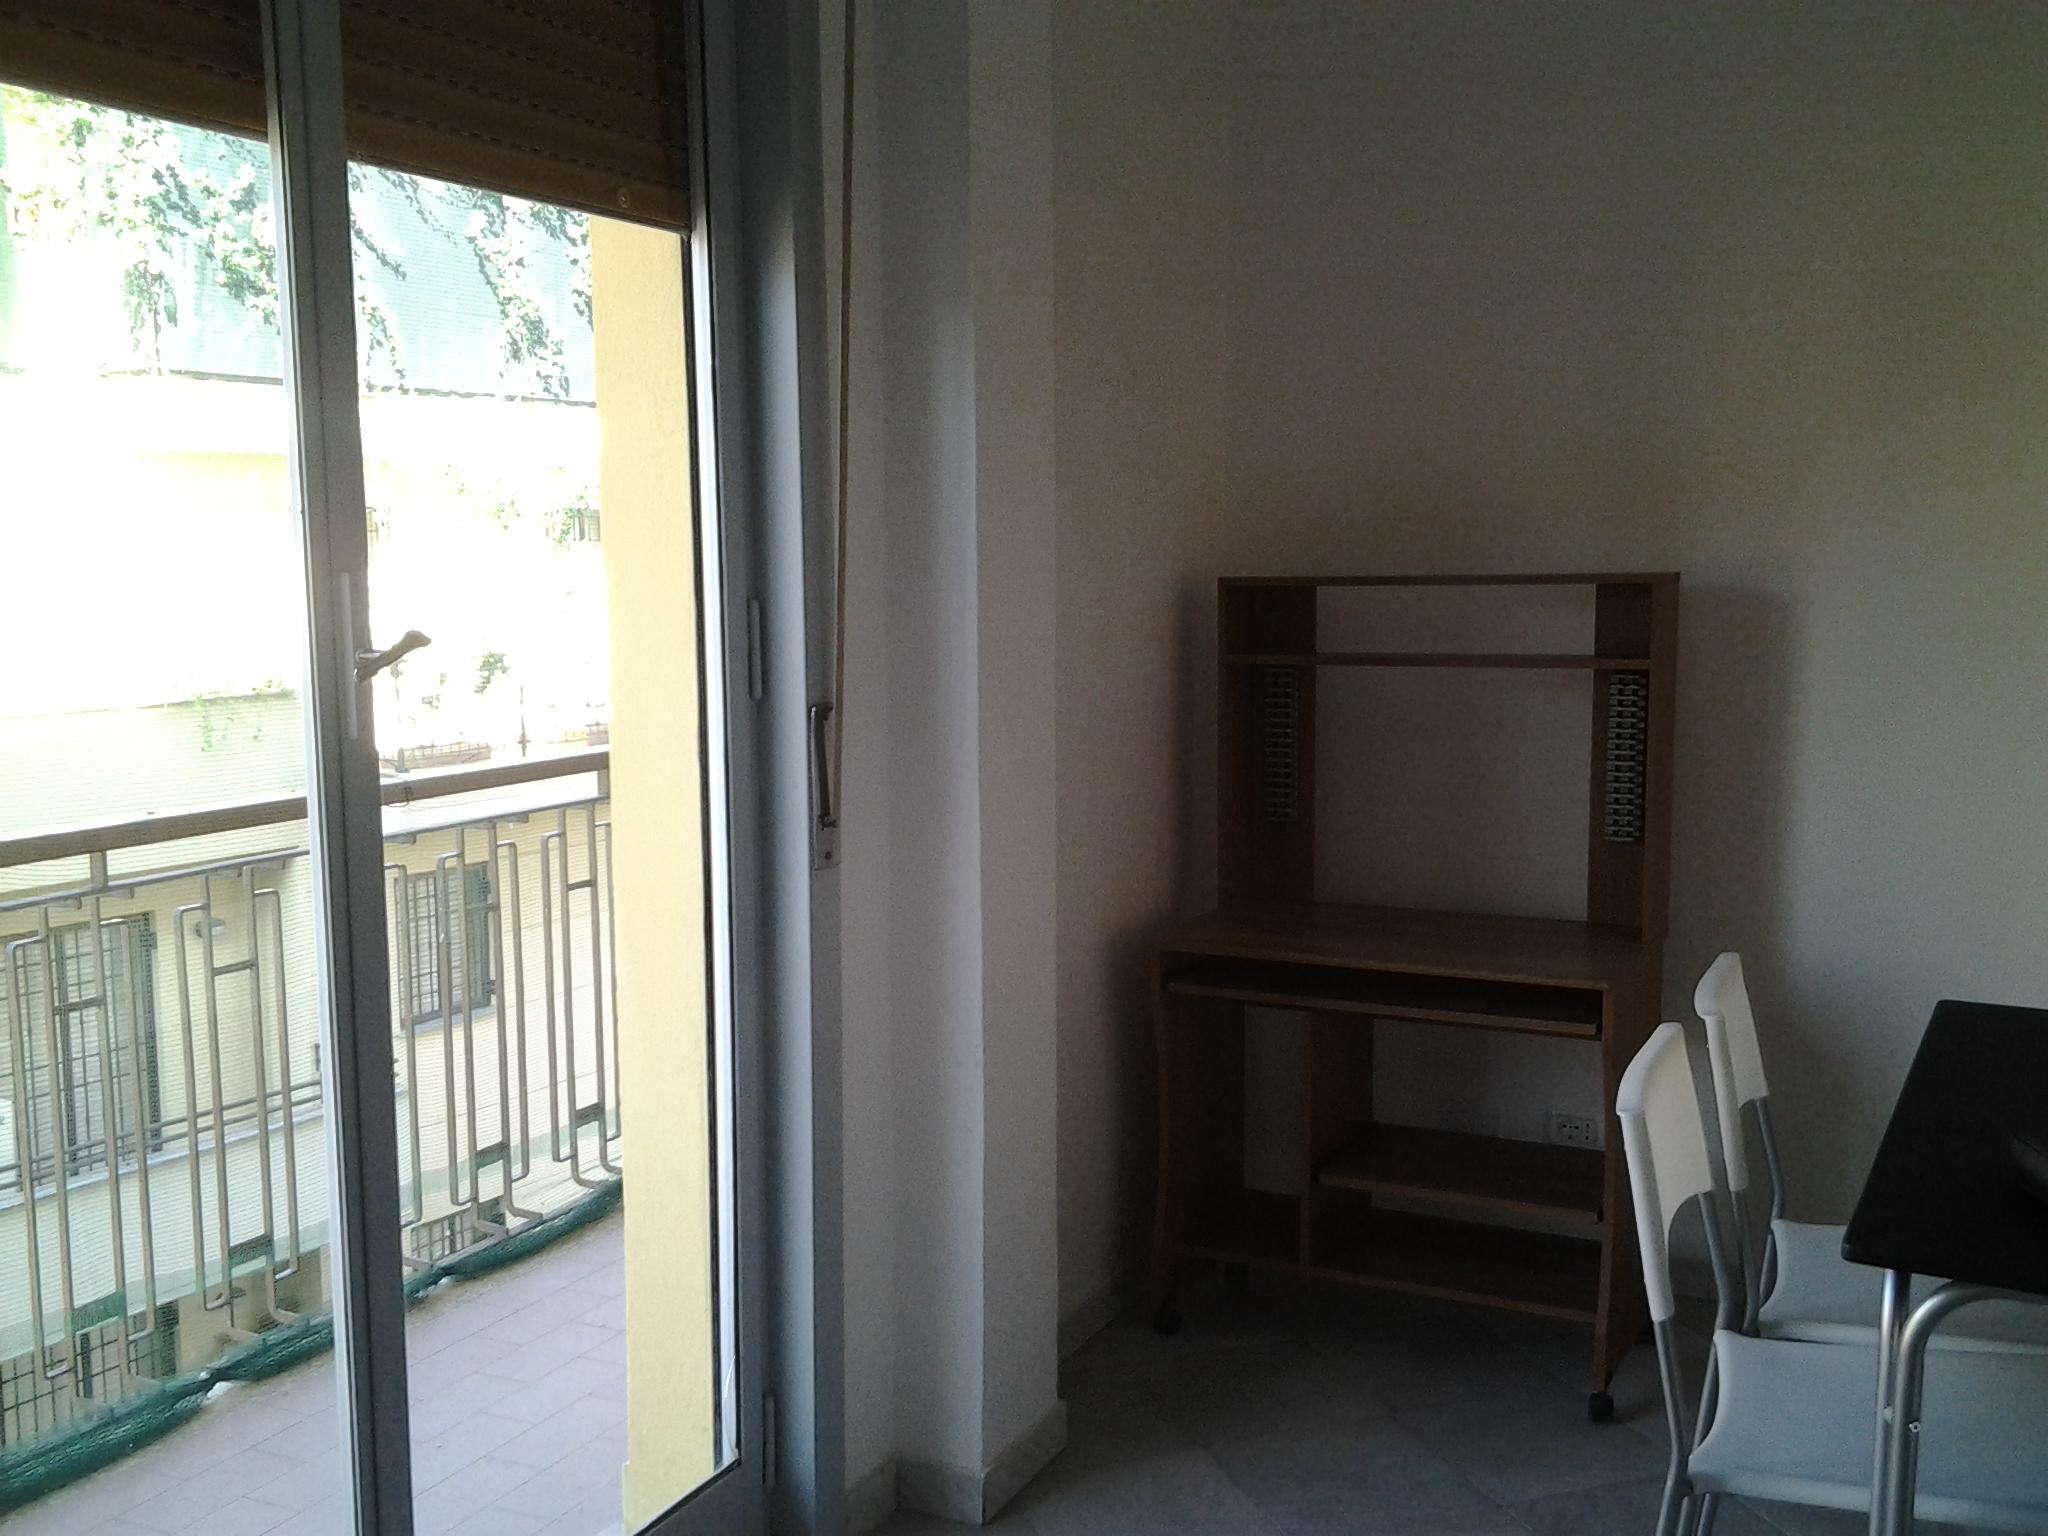 Affitto appartamento monolocali e bilocali modena for Monolocali arredati in affitto